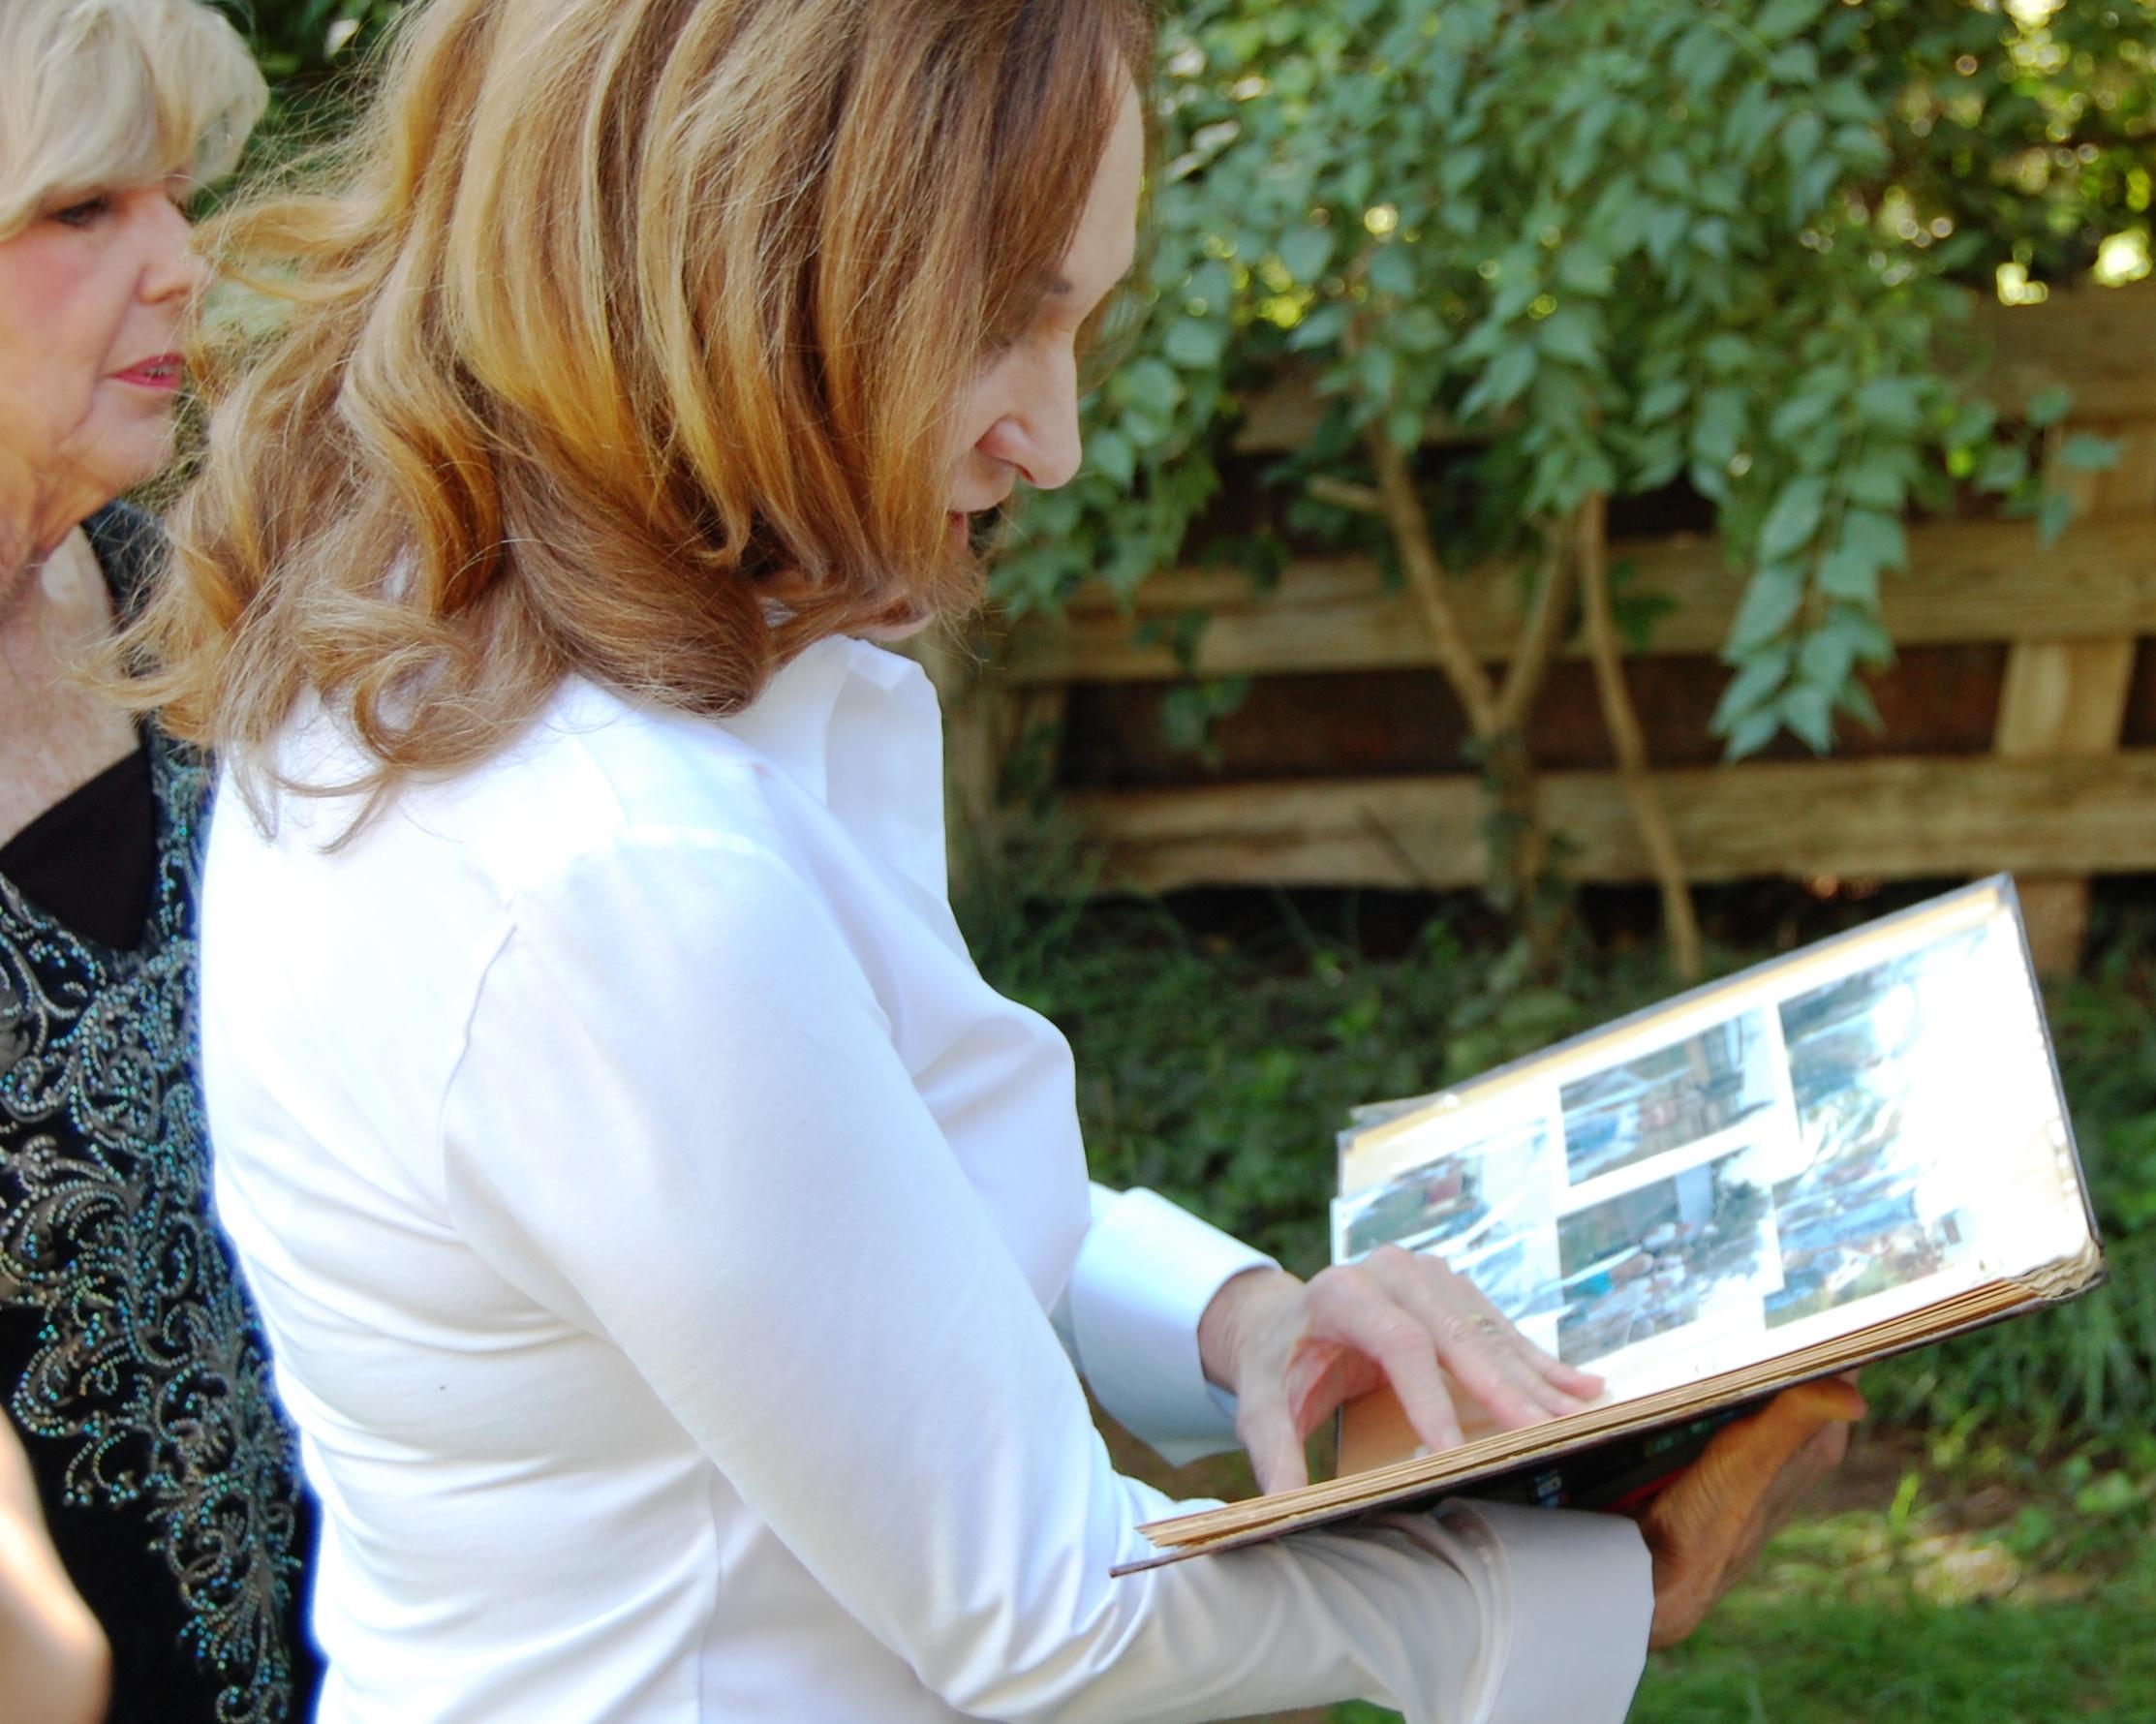 Beth looking at photos